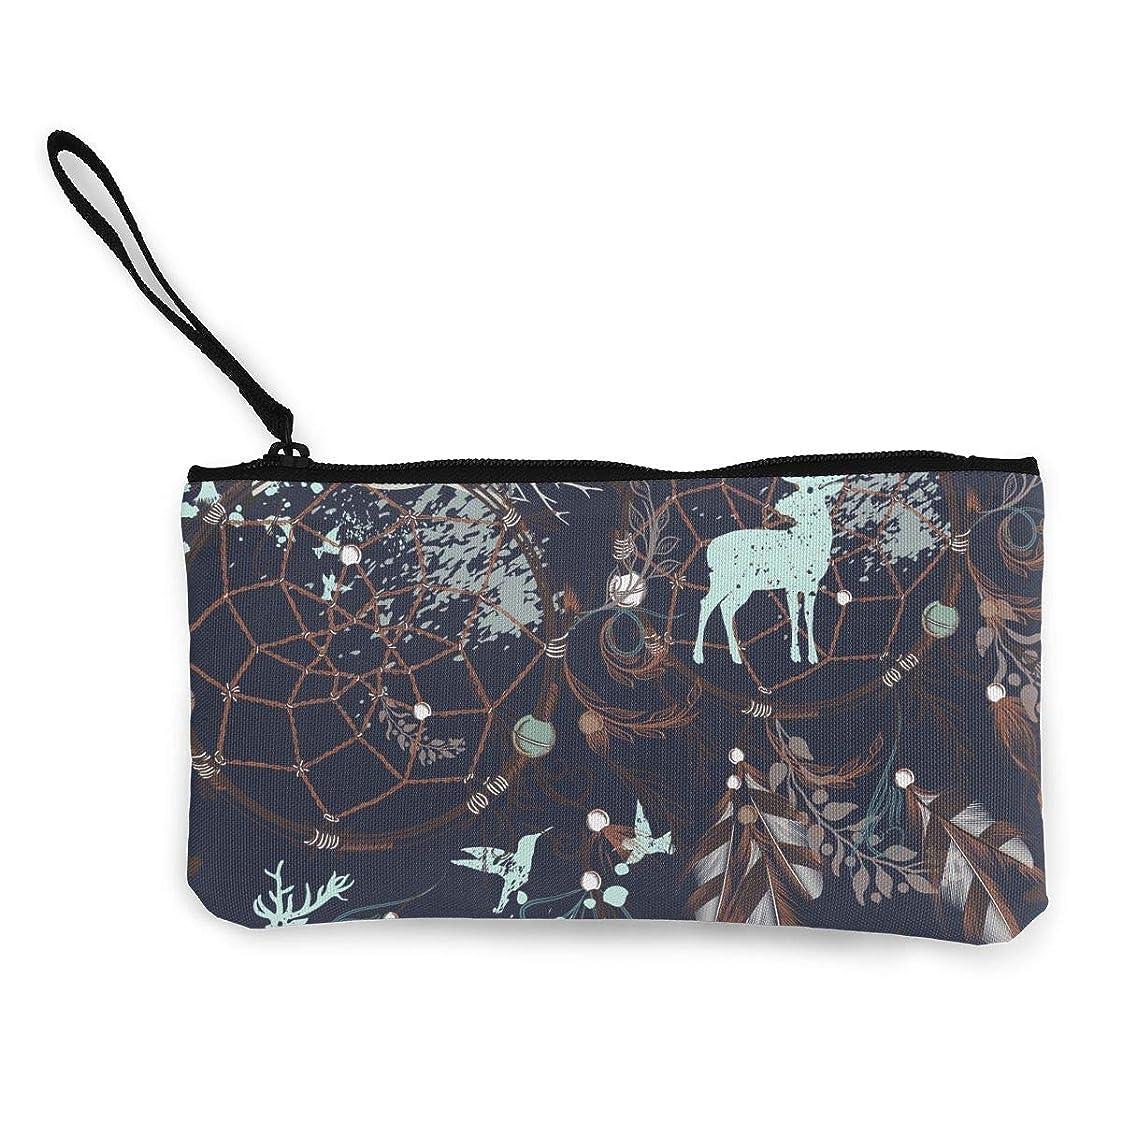 松の木手仕立て屋ErmiCo レディース 小銭入れ キャンバス財布 夜の森林 鹿 小遣い財布 財布 鍵 小物 充電器 収納 長財布 ファスナー付き 22×12cm